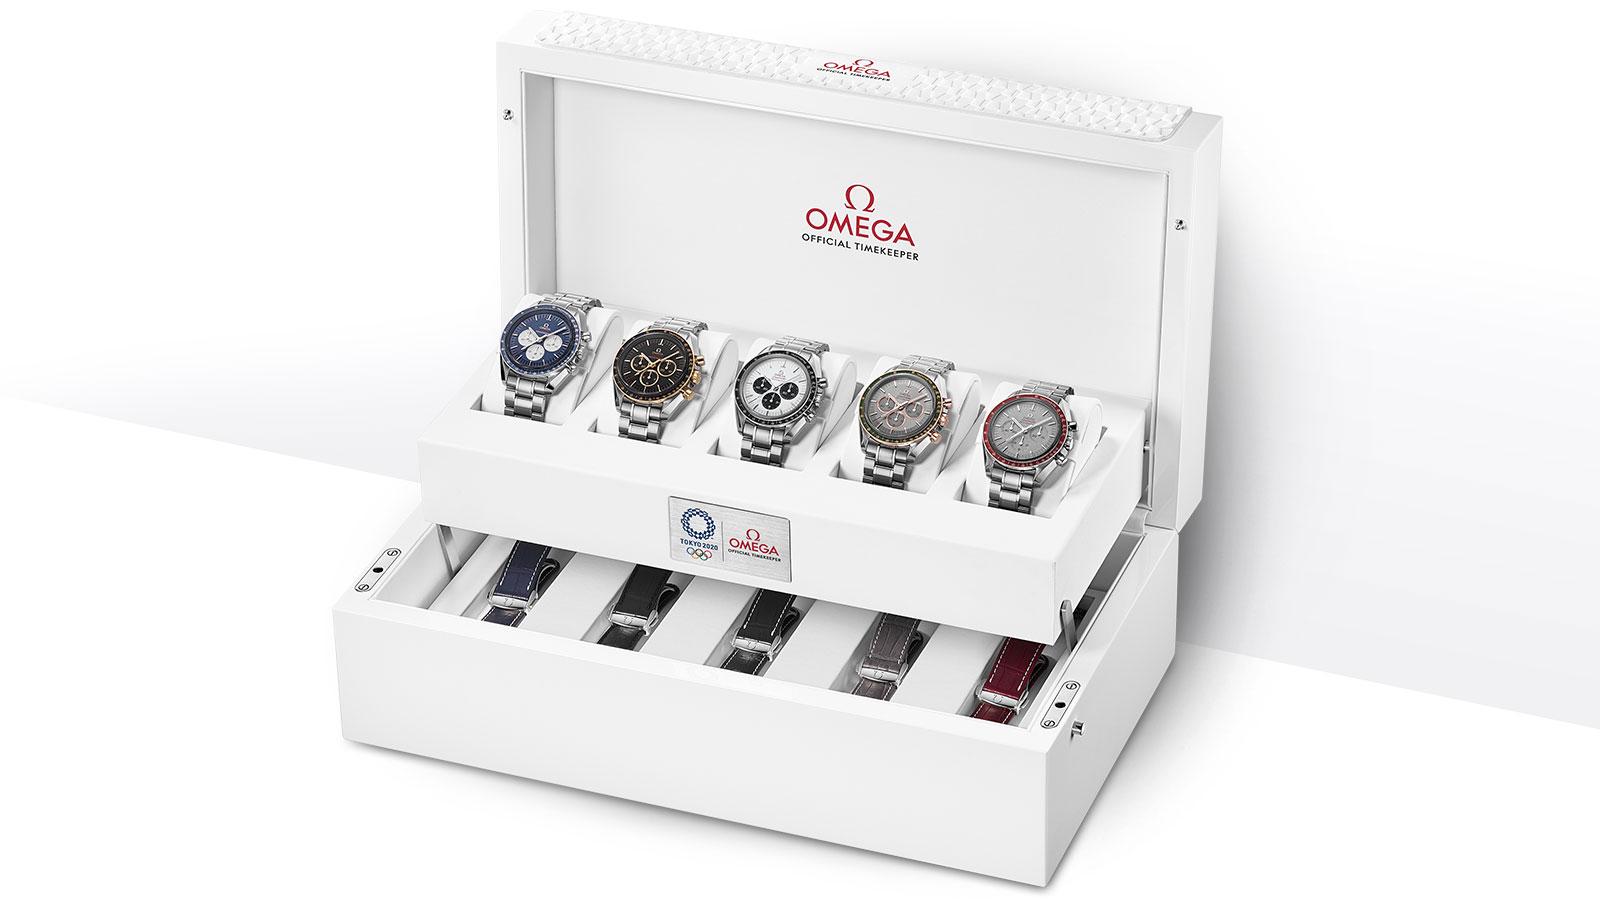 bộ sưu tập đồng hồ Omega Speedmaster Professional Tokyo 2020 Limited Editions